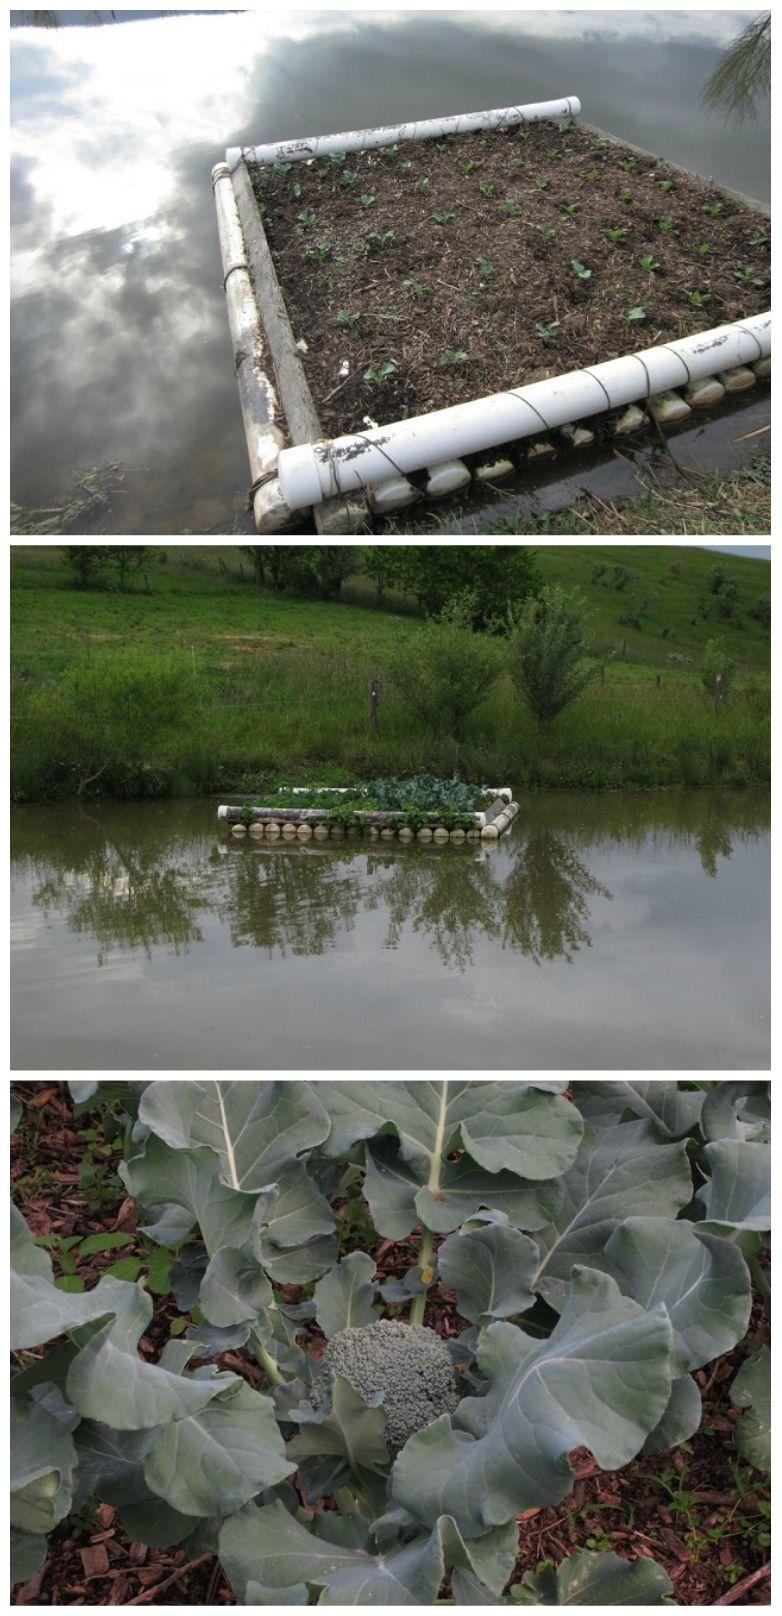 Floating Vegetable Garden Floating Garden Vegtable 400 x 300